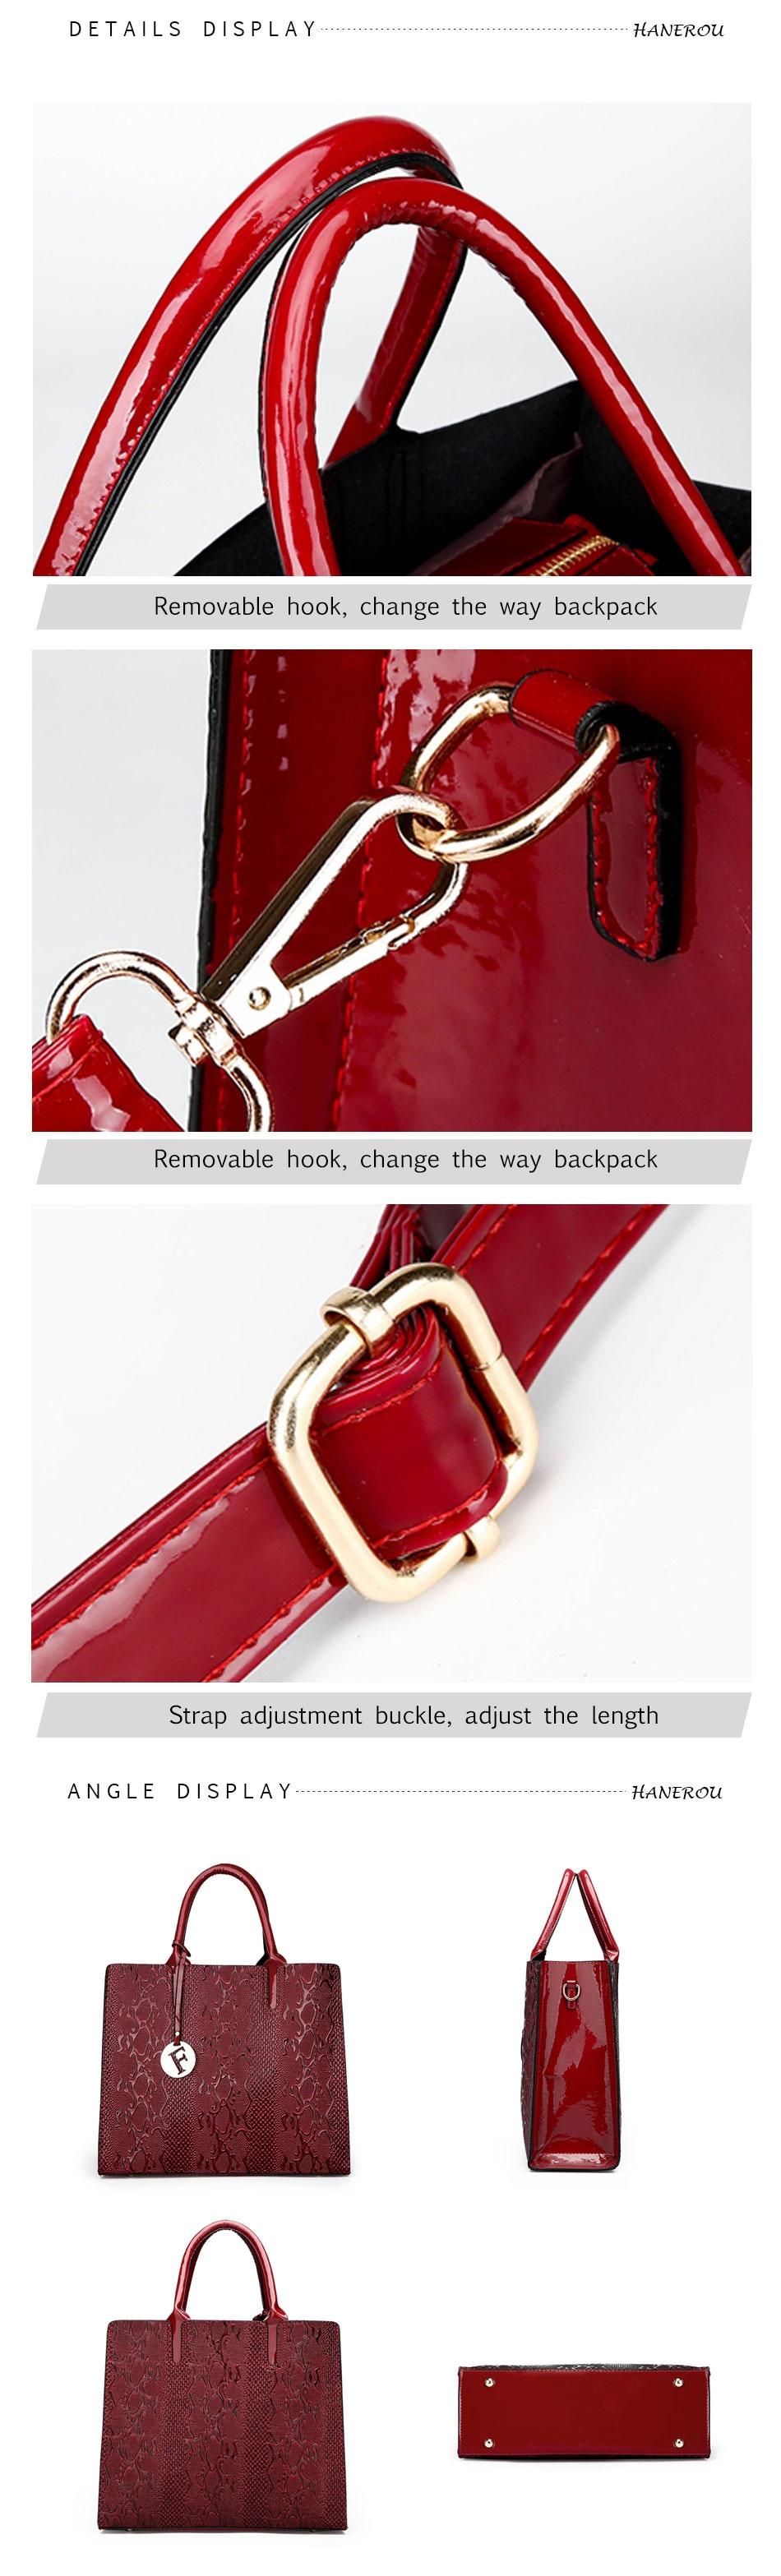 f98730d375 Méret: nagy kapacitású női táskák. Anyag: Kiváló minőségű PU bőr.  HANEROU10_01 HANEROU10_02 HANEROU10_03 HANEROU10_04 HANEROU10_05